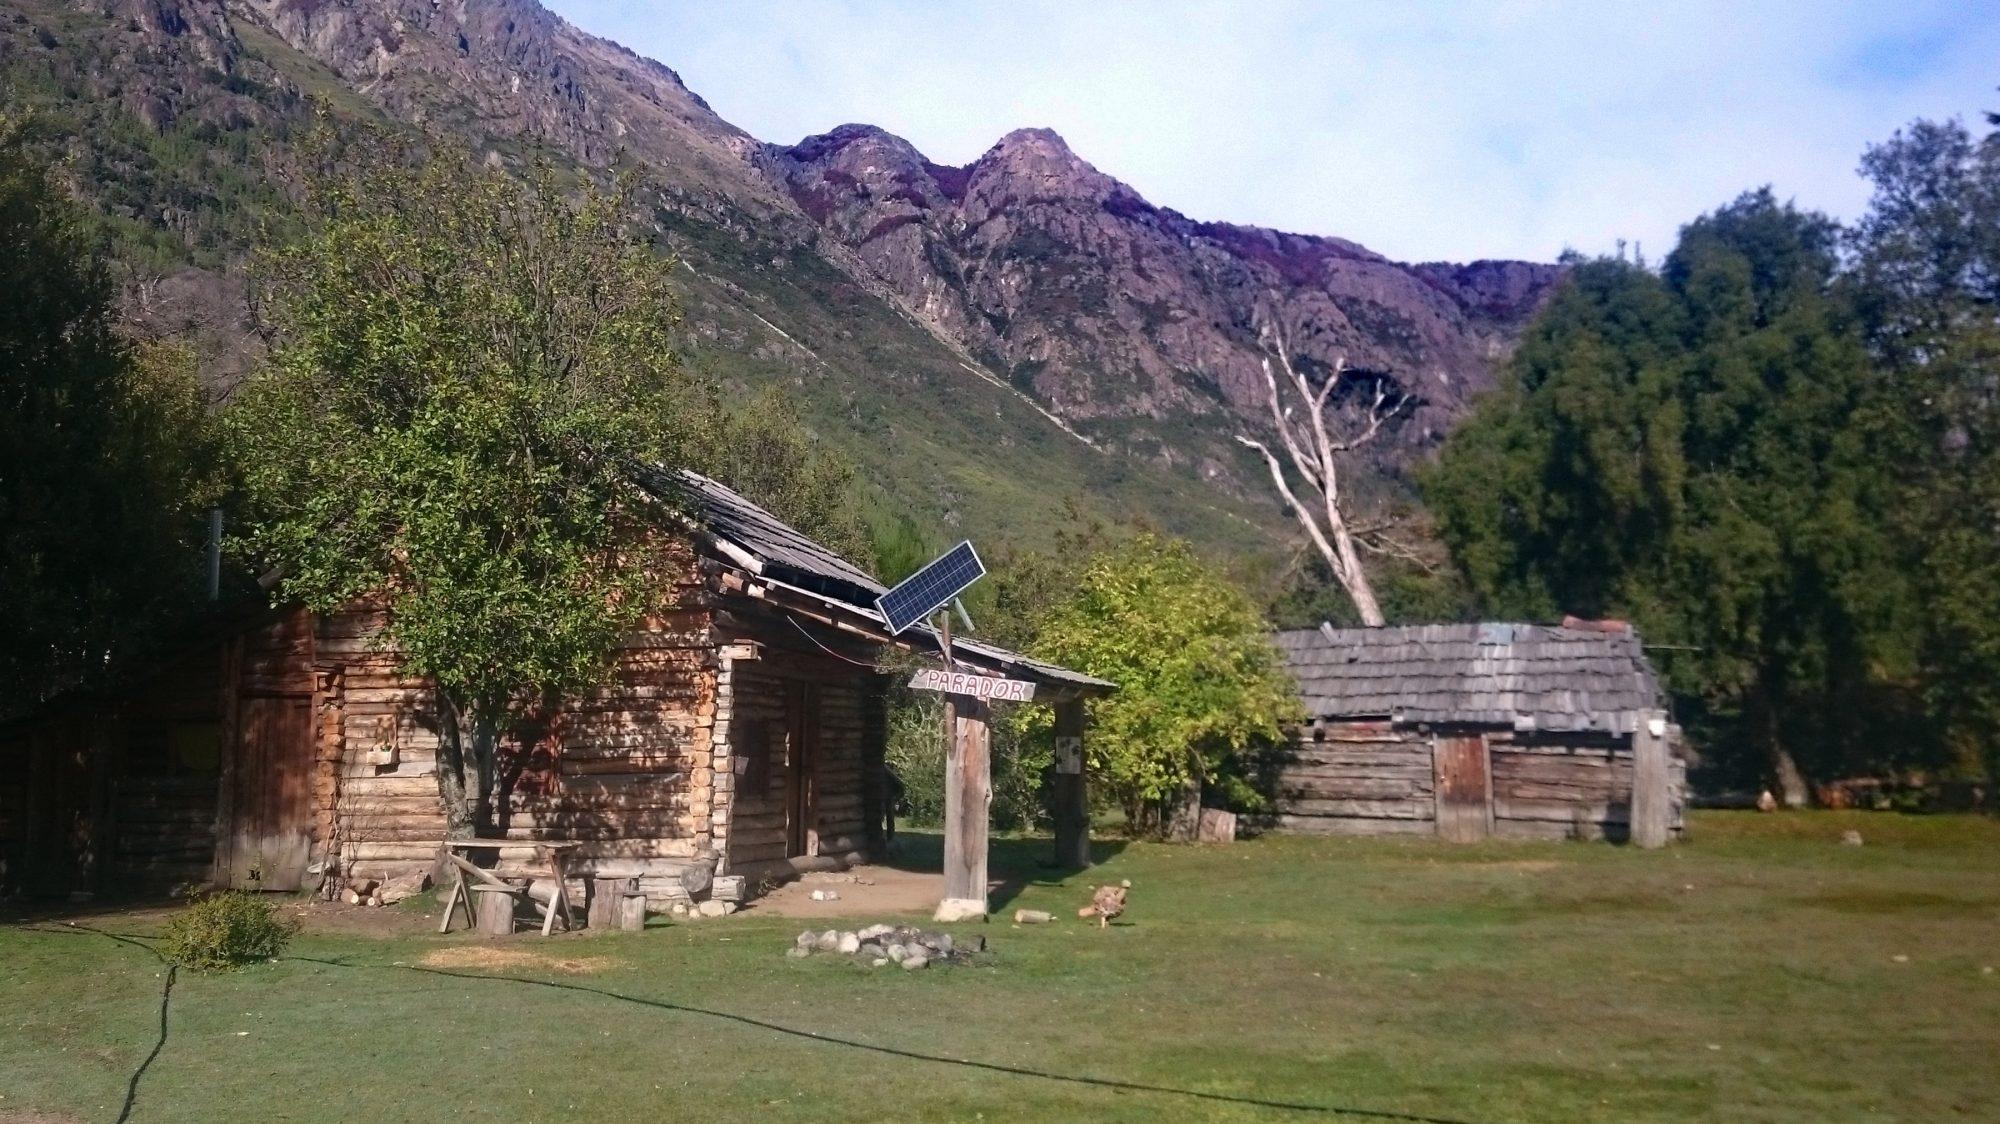 Fjella El Bolson Wanderung Patagonien Warton Dedo Gordo Encanto Blanco Wanderroute Wandern Las Horquetas